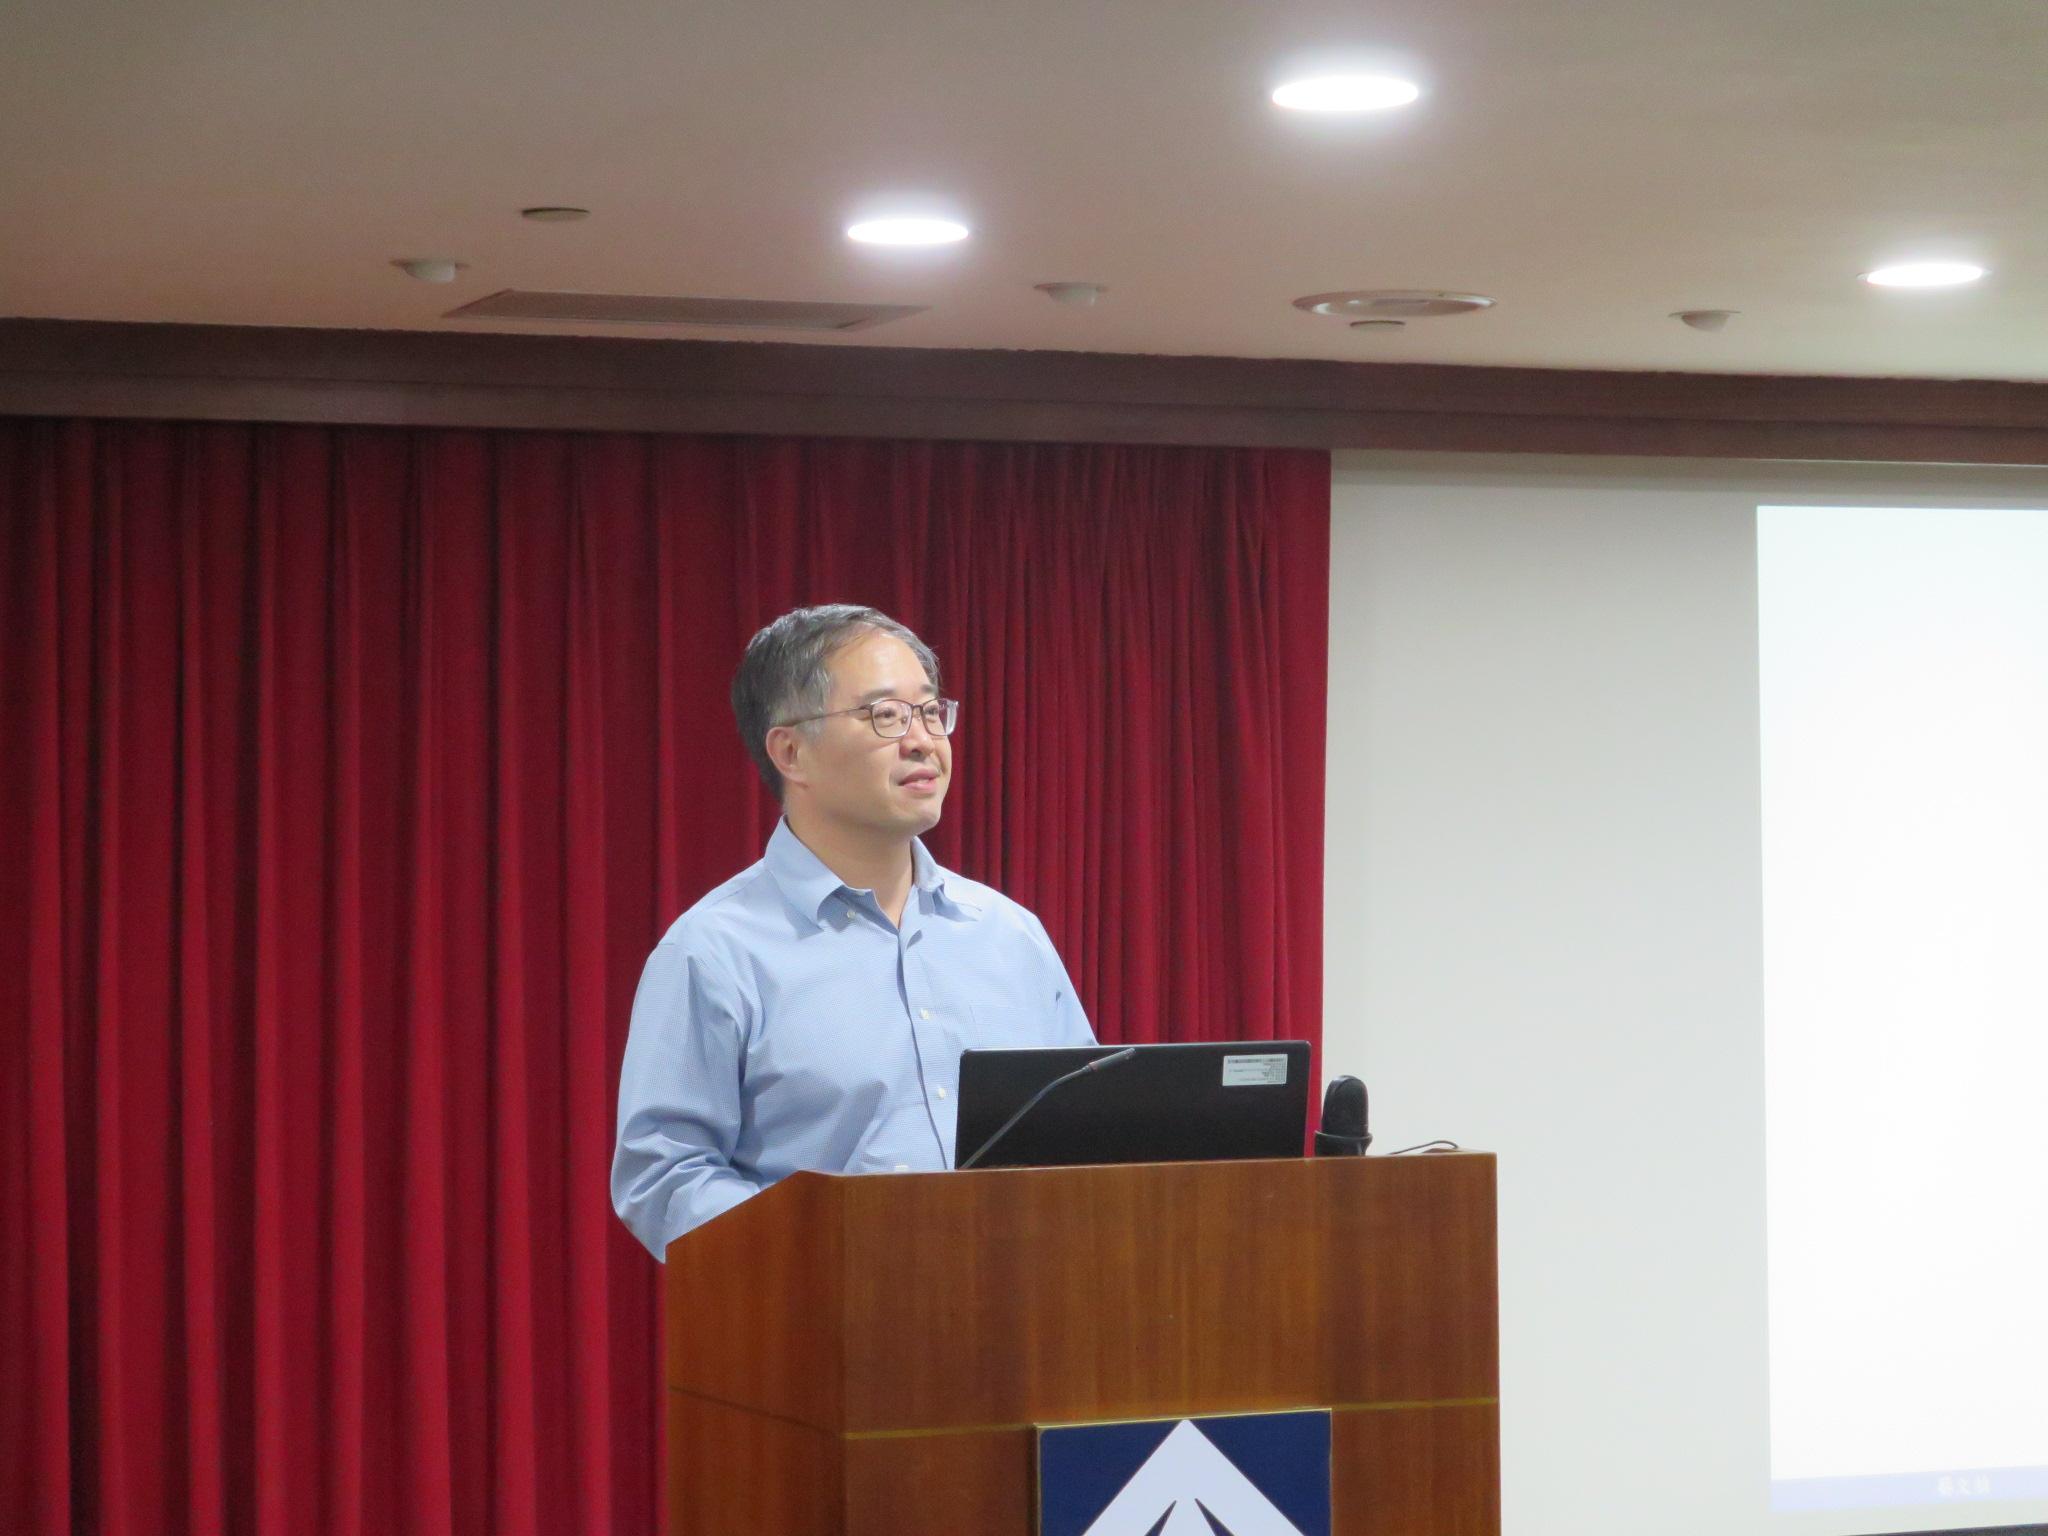 圖為108年5月23日李教授素華專題演講實況